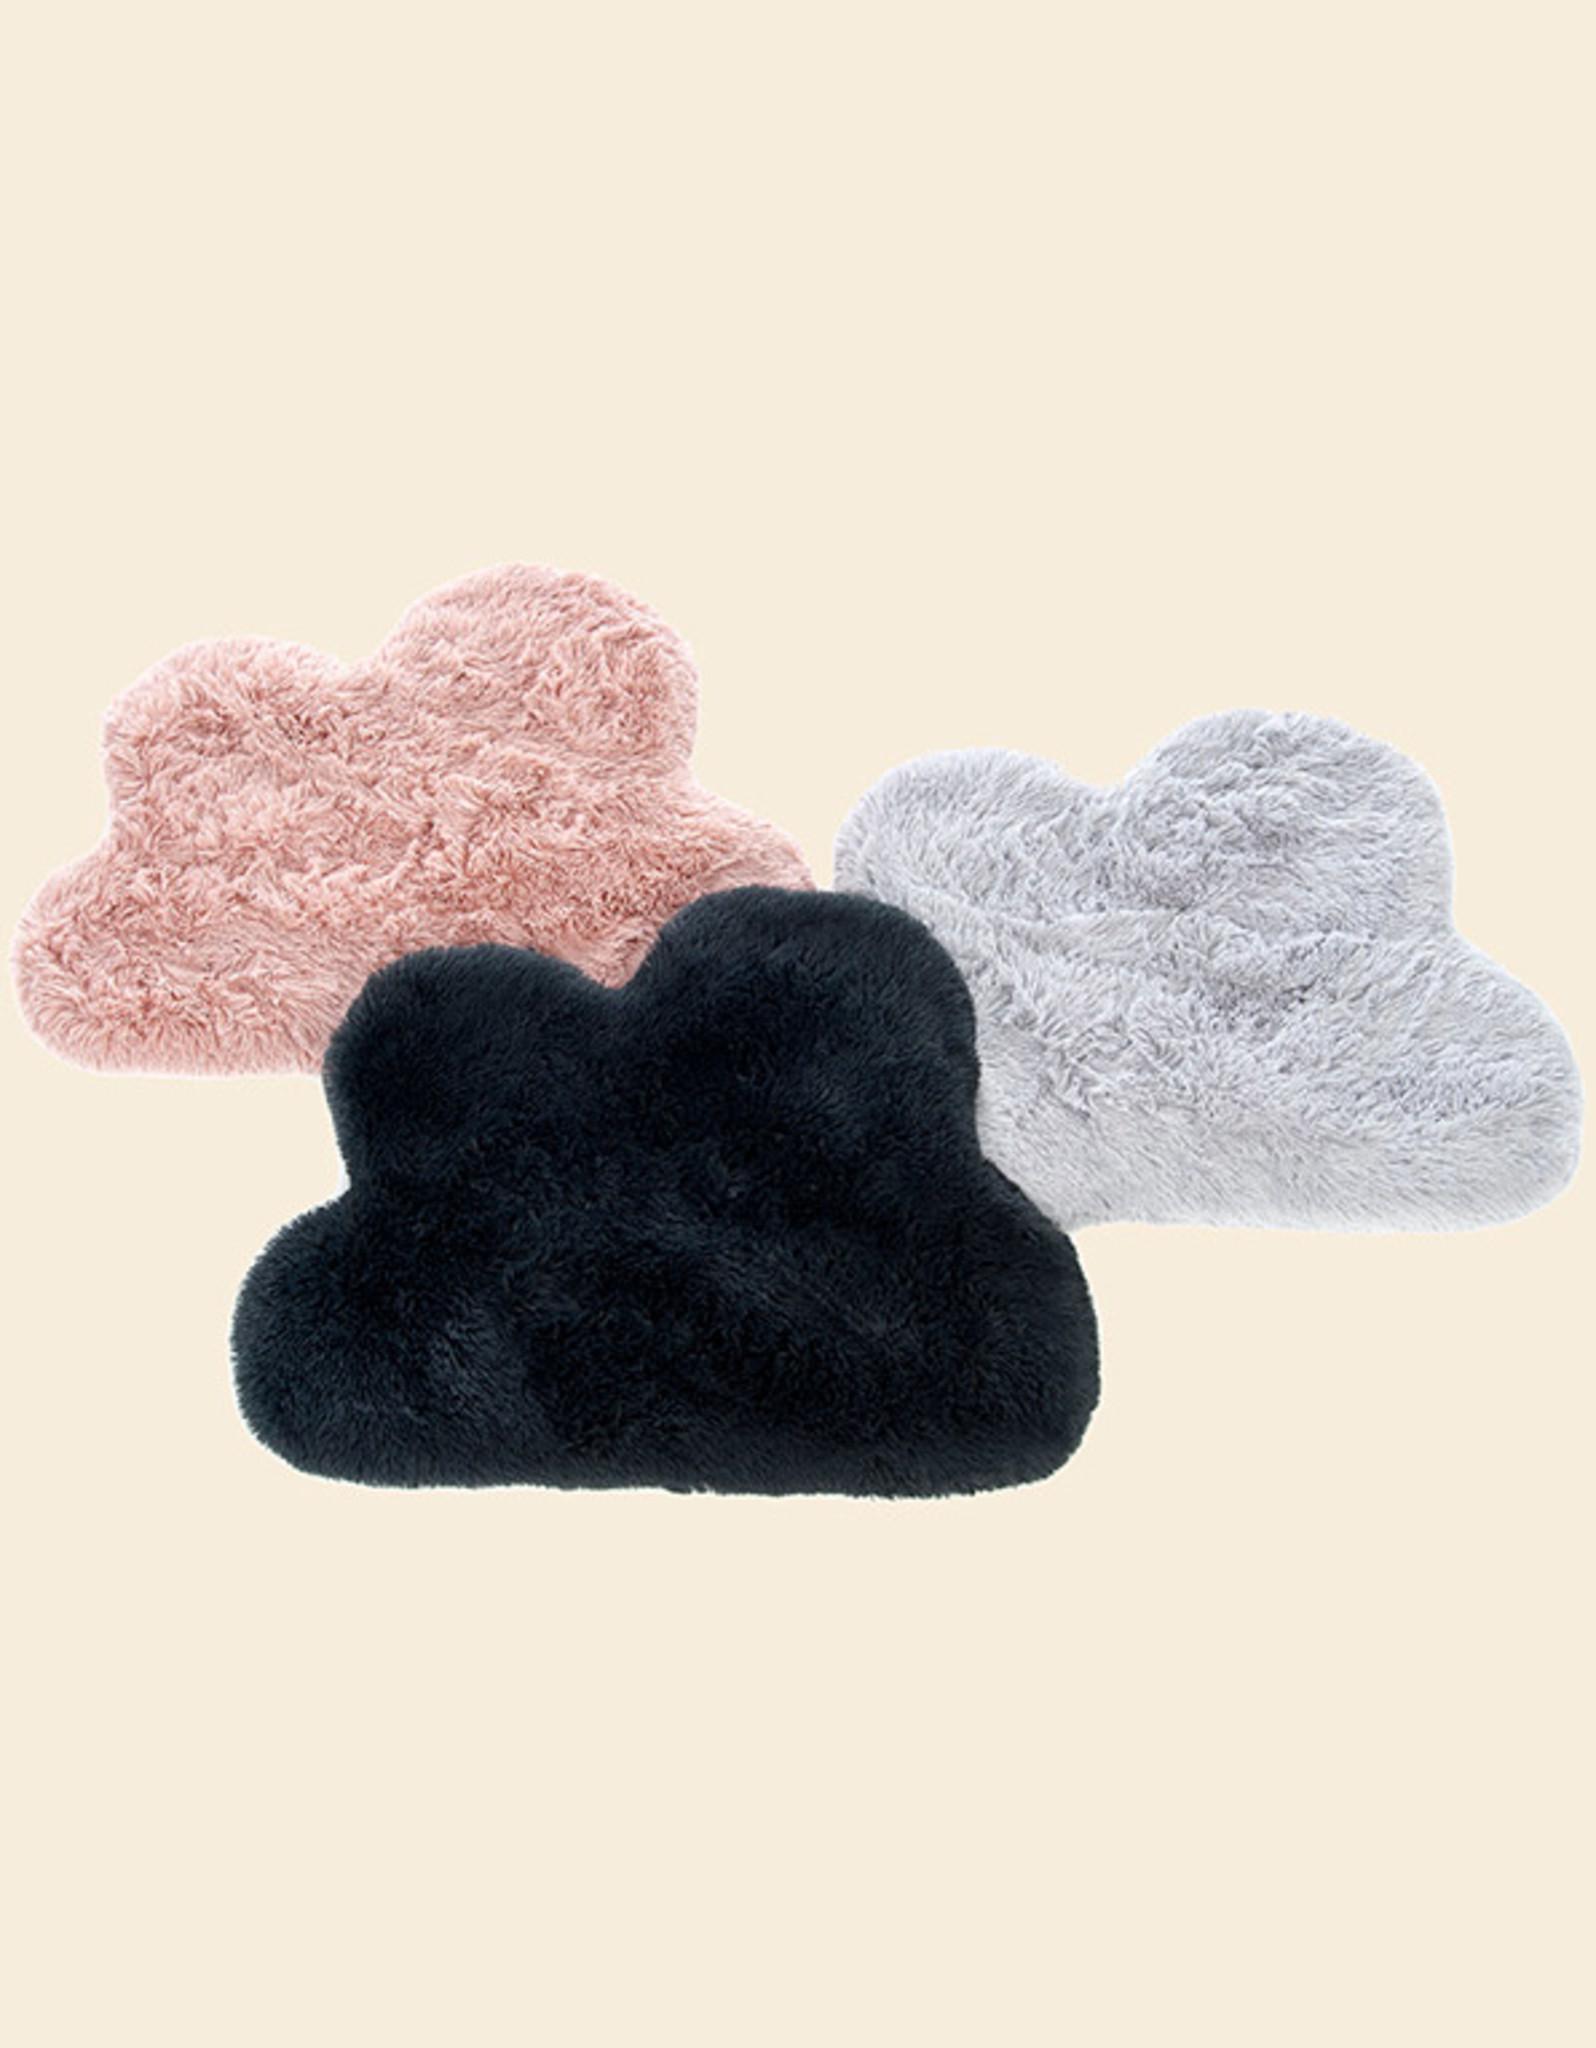 Fluffy Tapijtje | beschikbaar in 3 kleuren